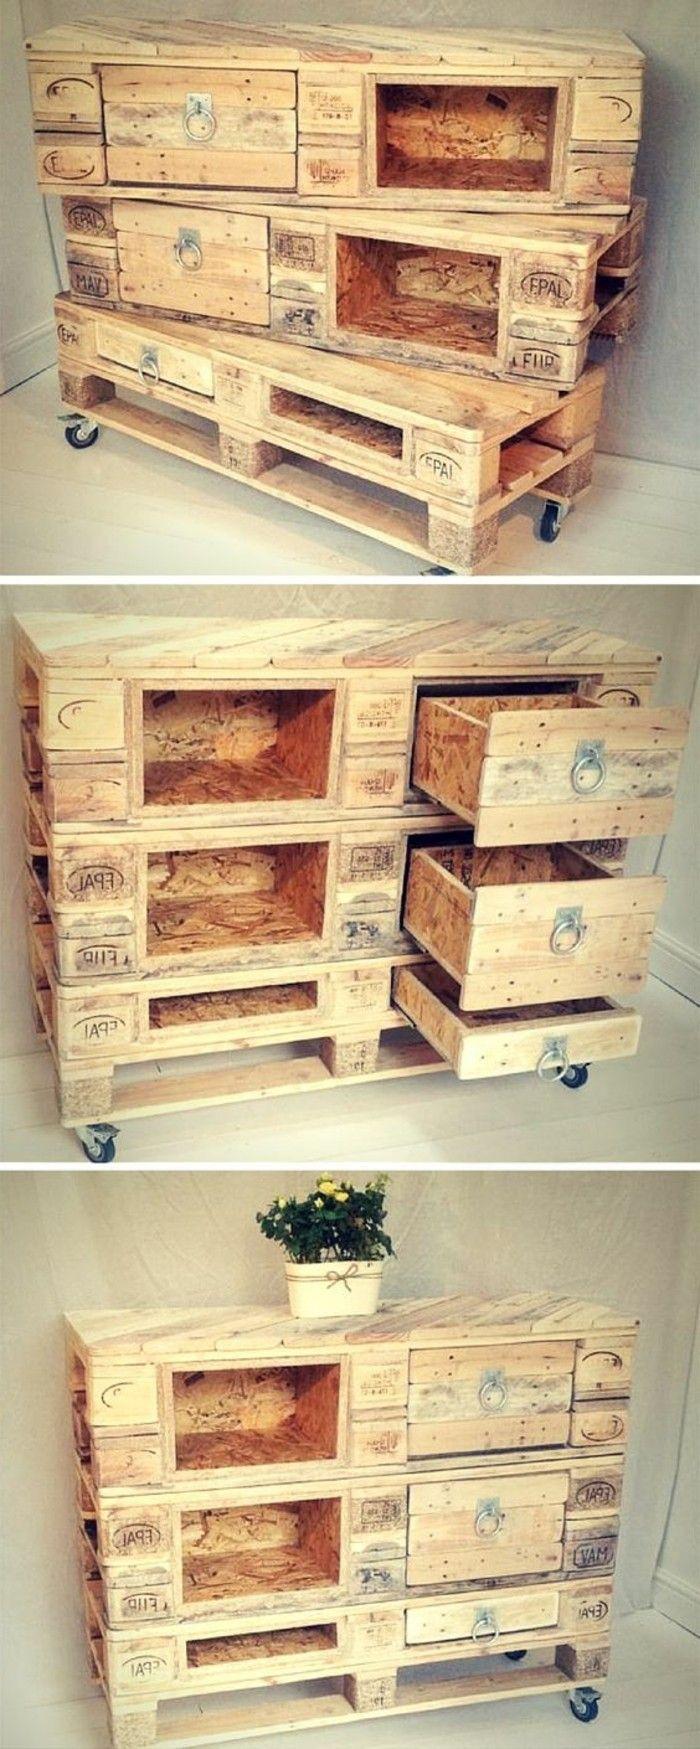 1001 ideas para hacer muebles con palets fciles Pinterest